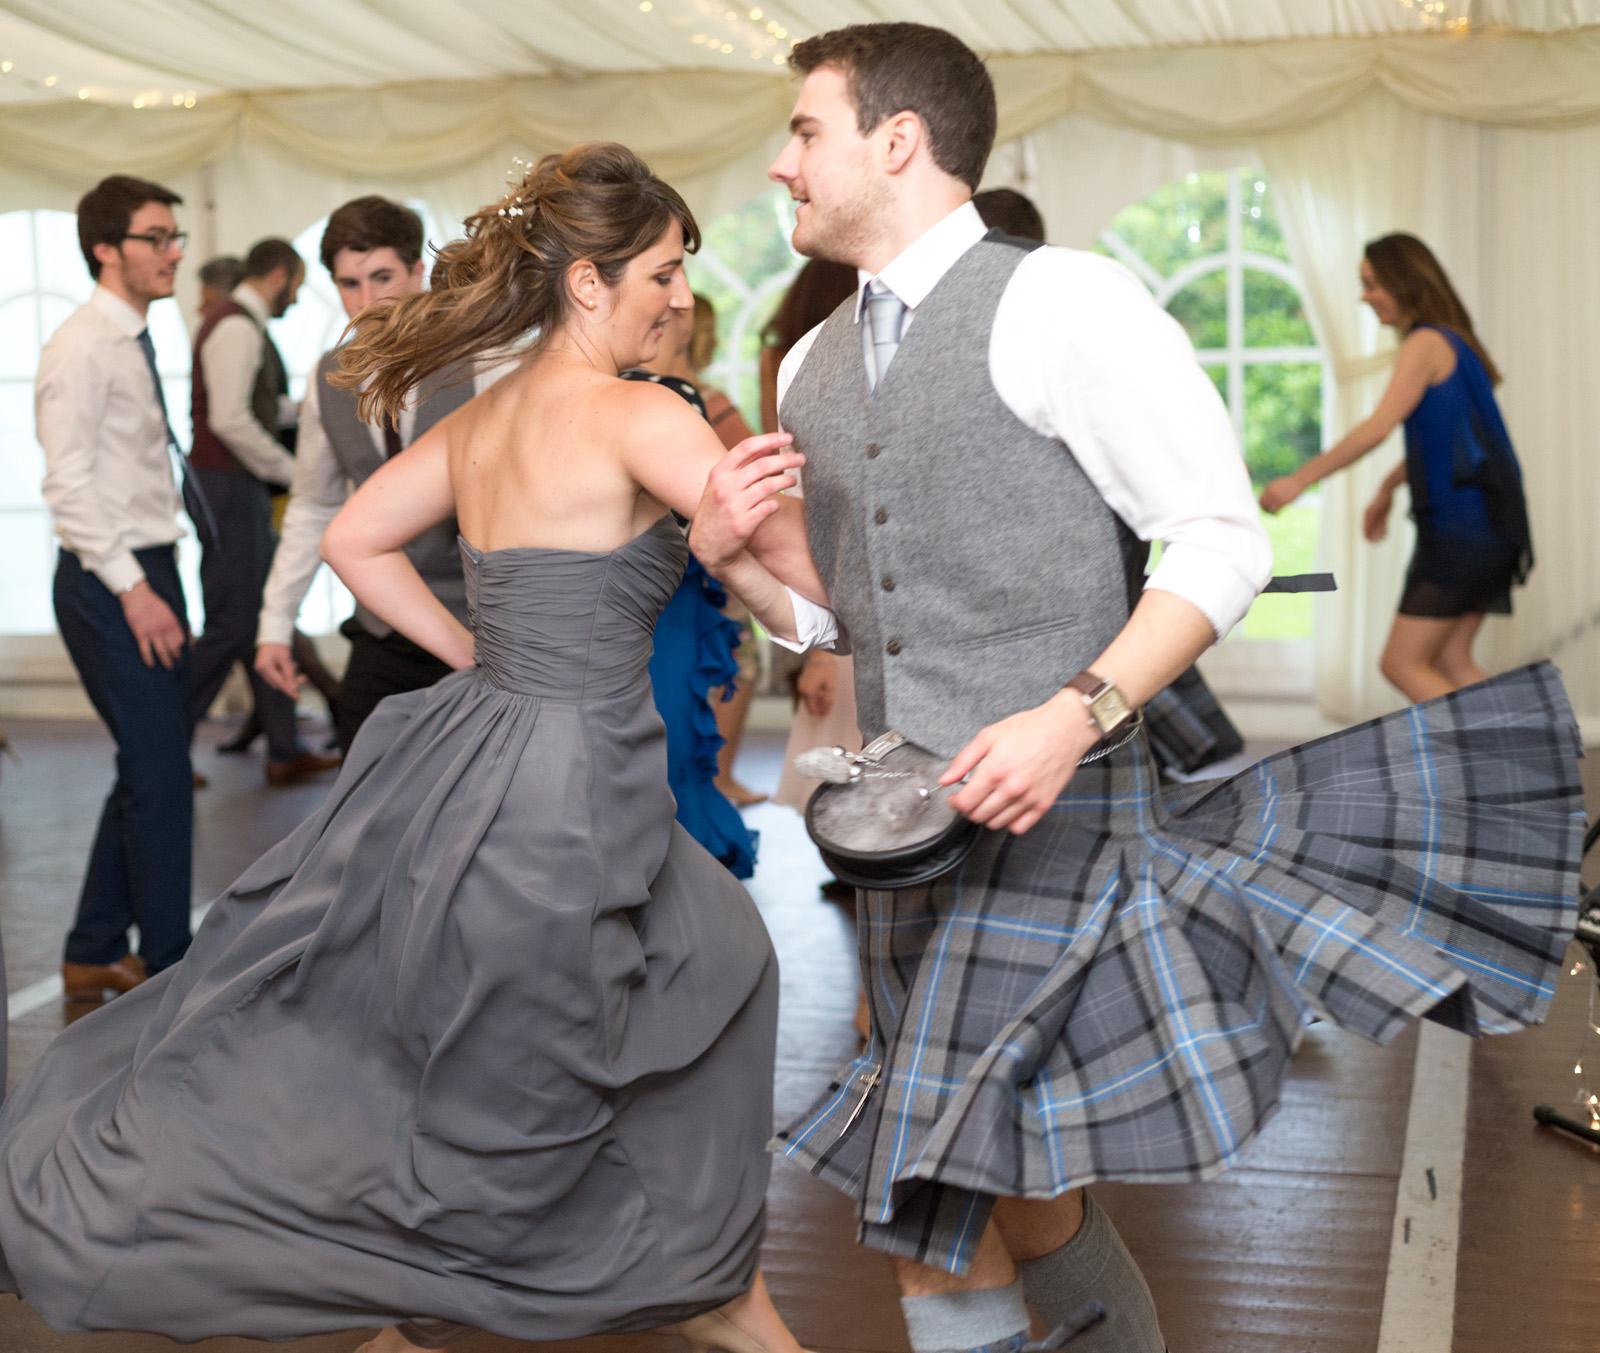 Ceilidh dancing at a wedding near Perth 1